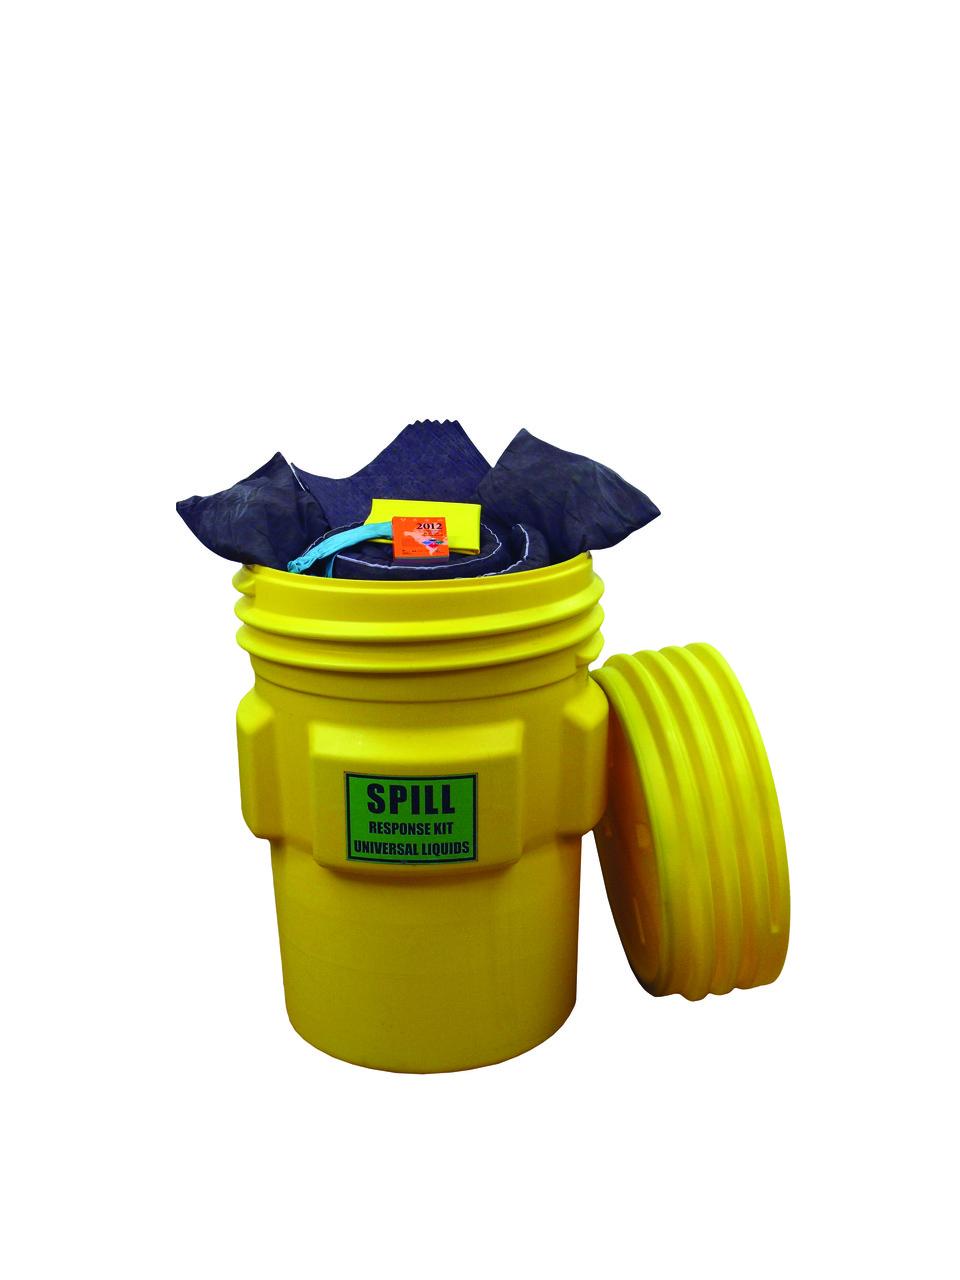 95-Gal Spill Kit Набор для ликвидации разливов нефтепродуктов, технических и химических жидкостей